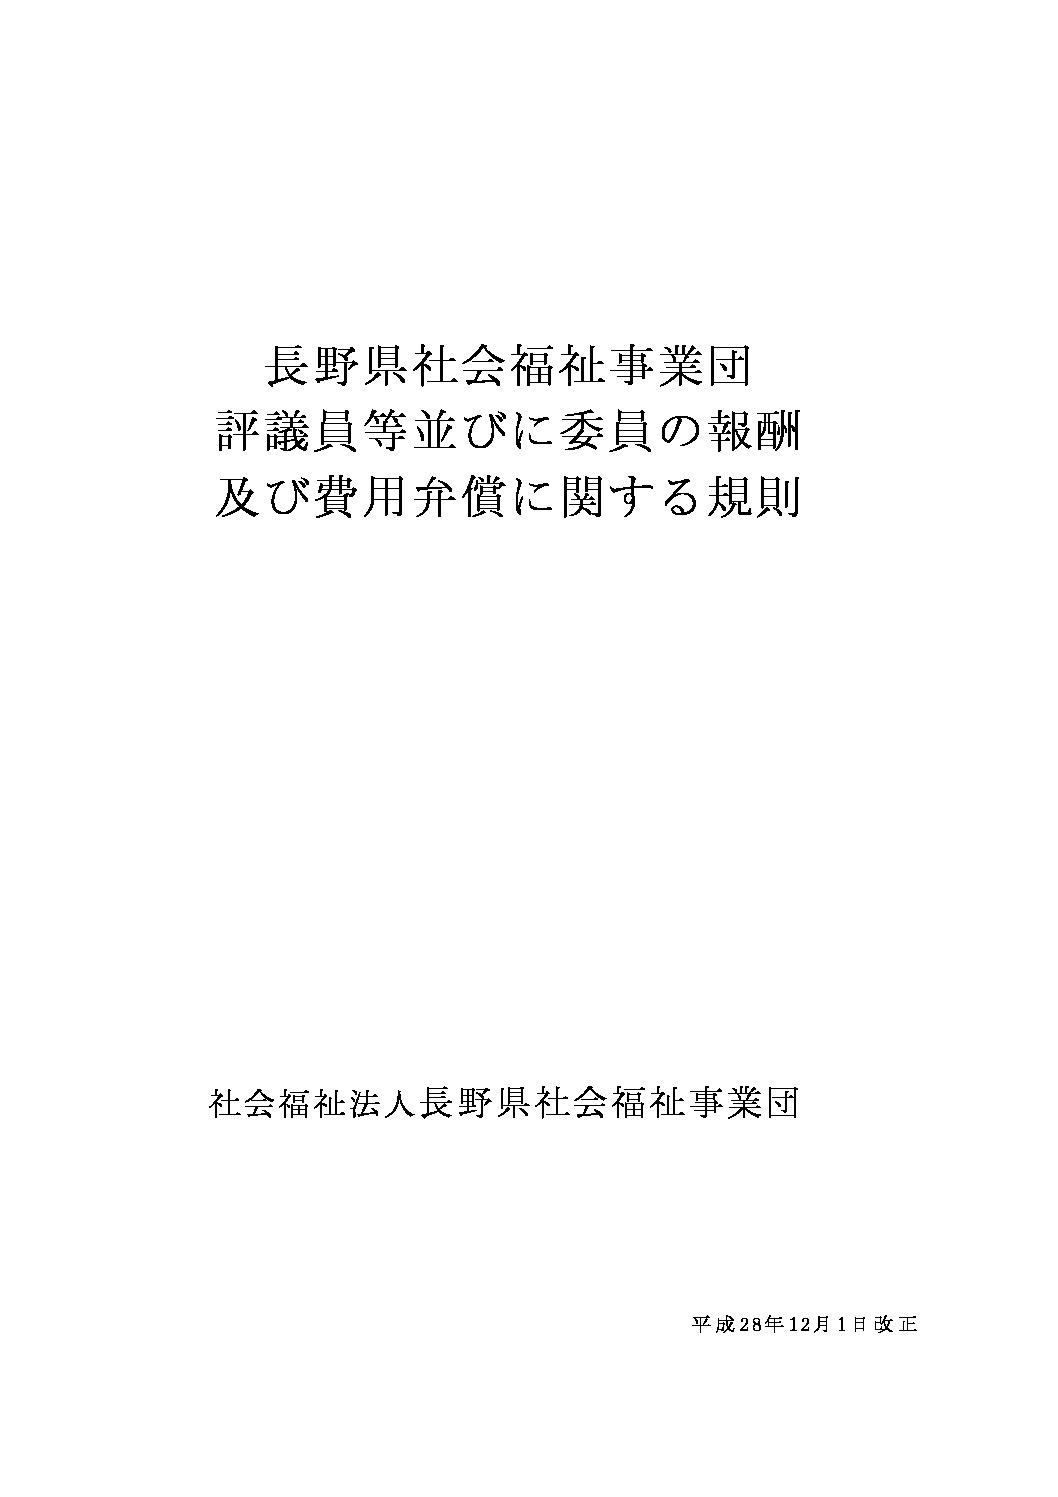 housyuu_H28.12.1 (1)のサムネイル